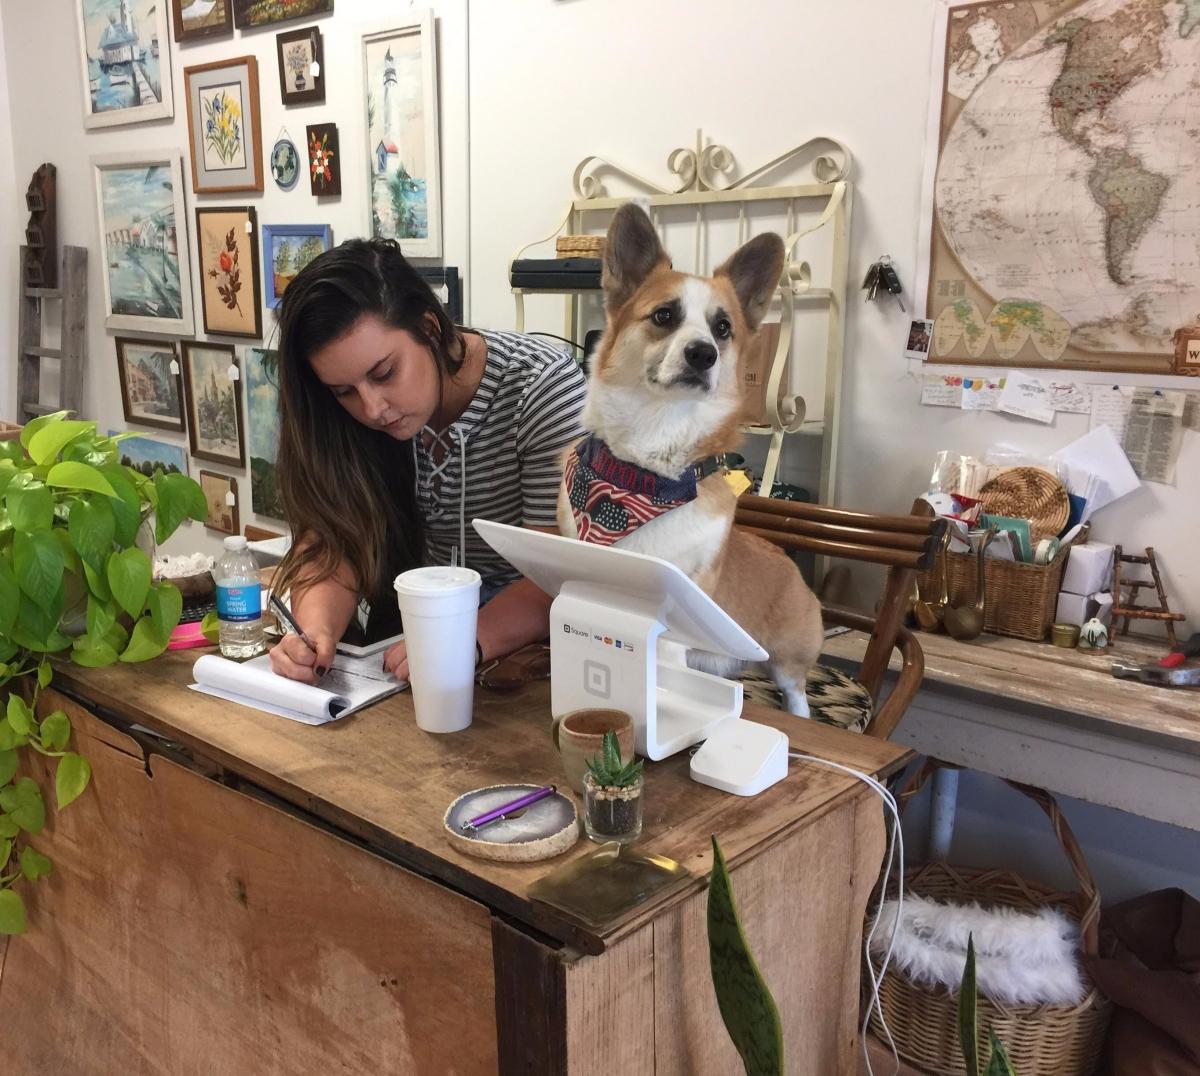 Social Media Boosts Des Moines Home D Cor Store